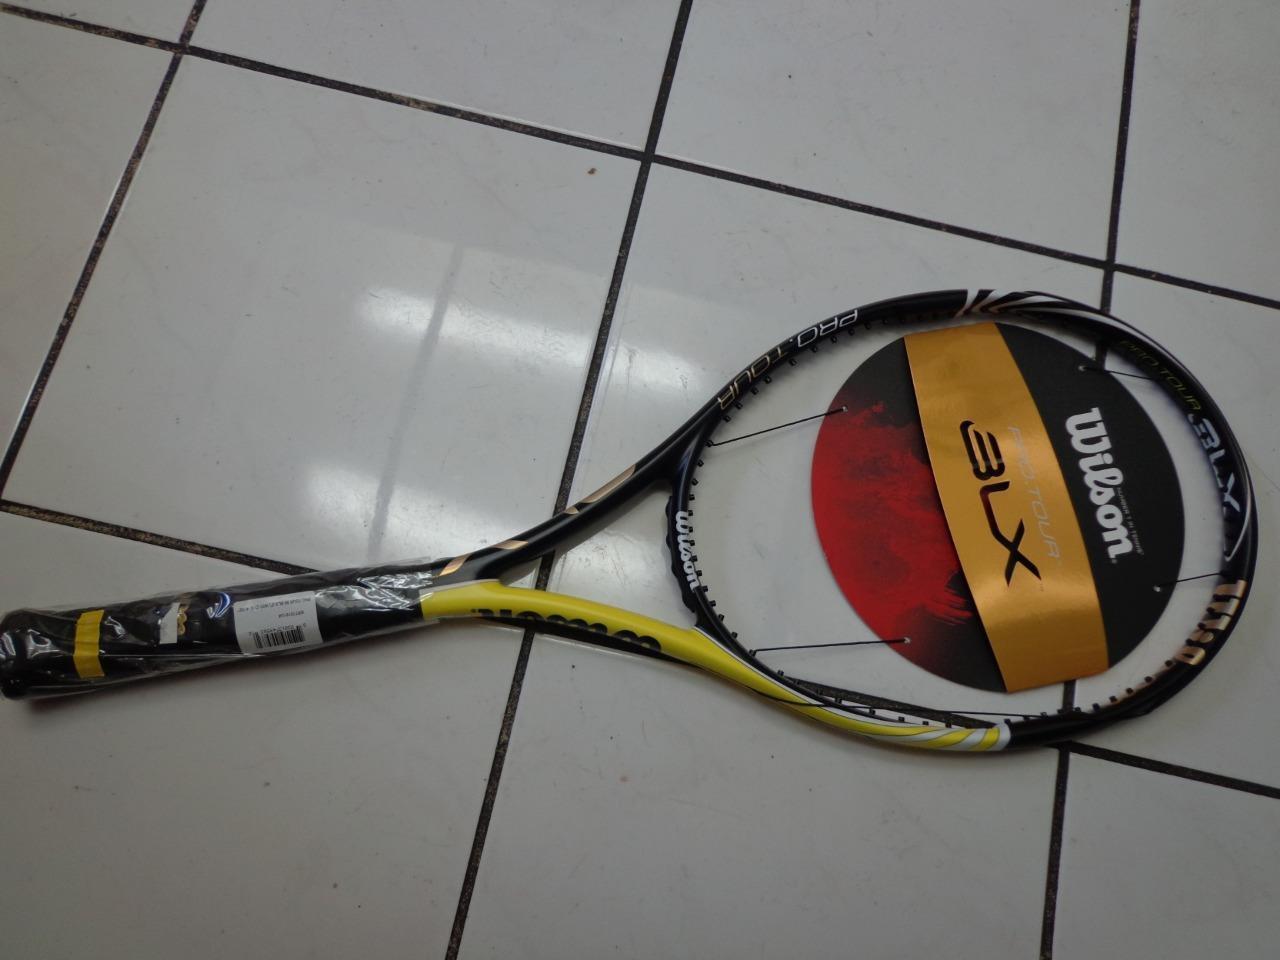 NEW Wilson BLX Pro Tour 18x20 pattern 96 head 11.1oz 4 1 2 grip Tennis Racquet